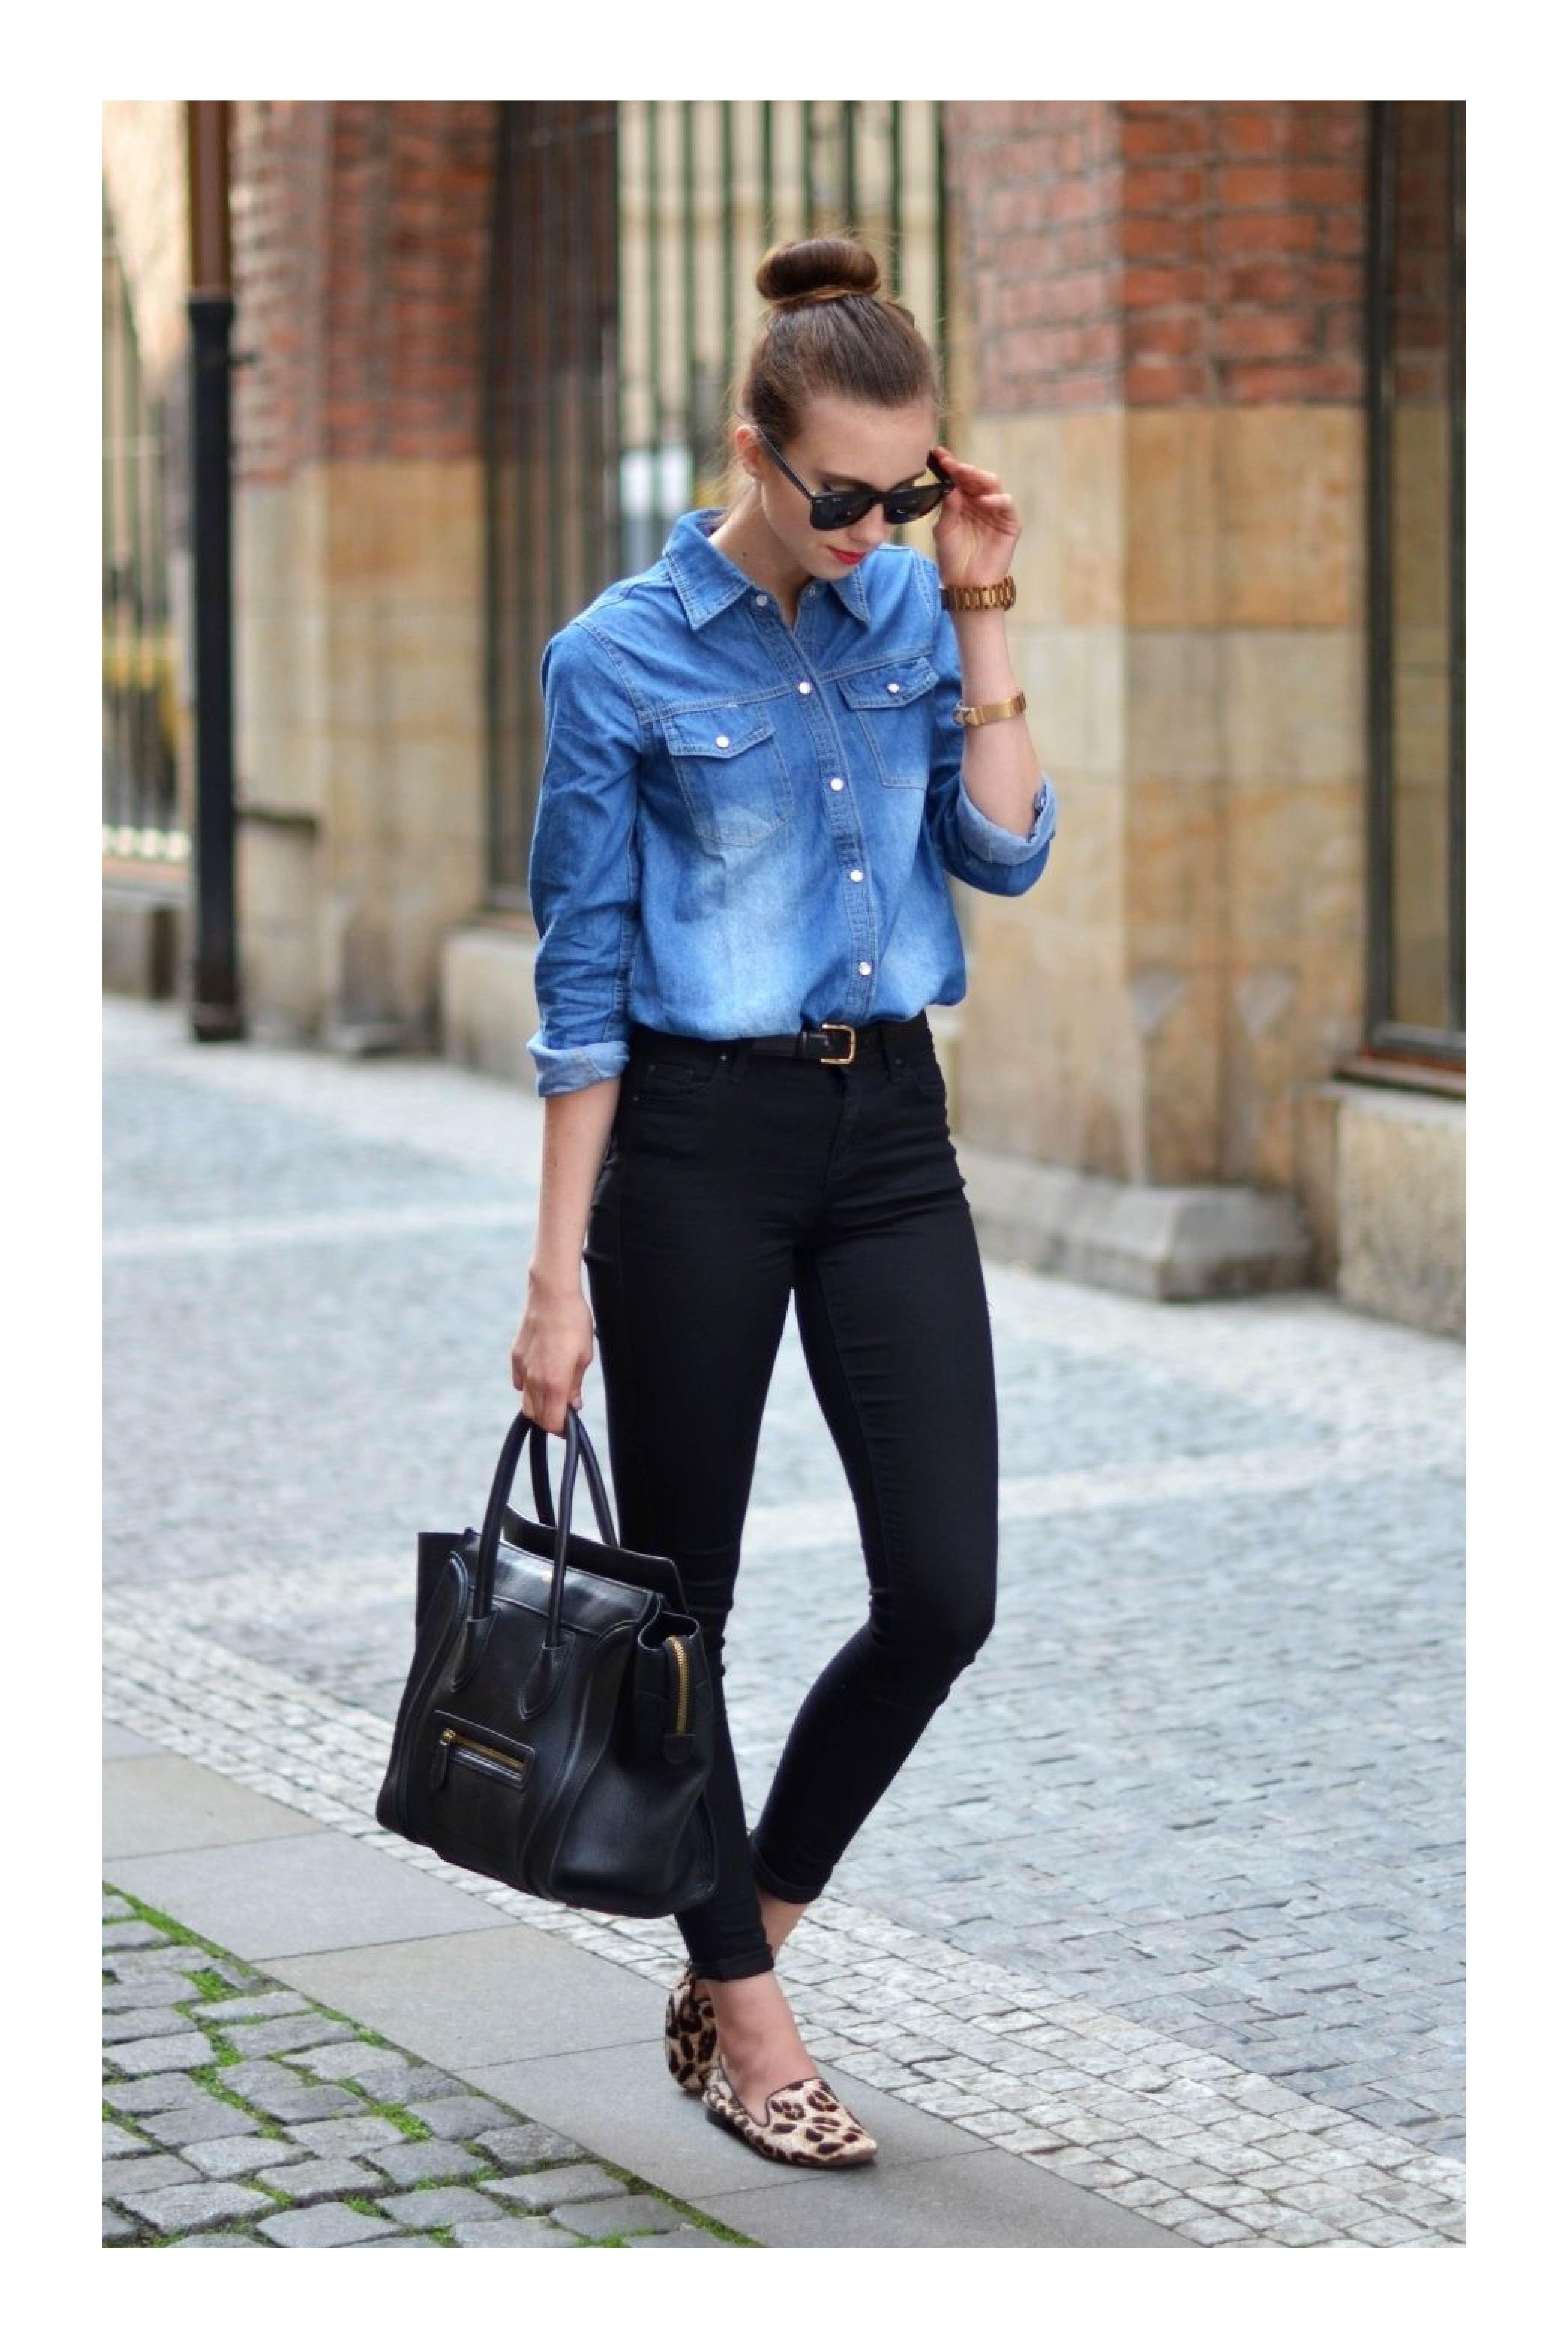 5310d707df 6 prendas de denim que no deben faltar en tu guardarropa  TiZKKAmoda  blusa   denim  pantalón  negro  flats  animalprint  lentes  bolsa  casual